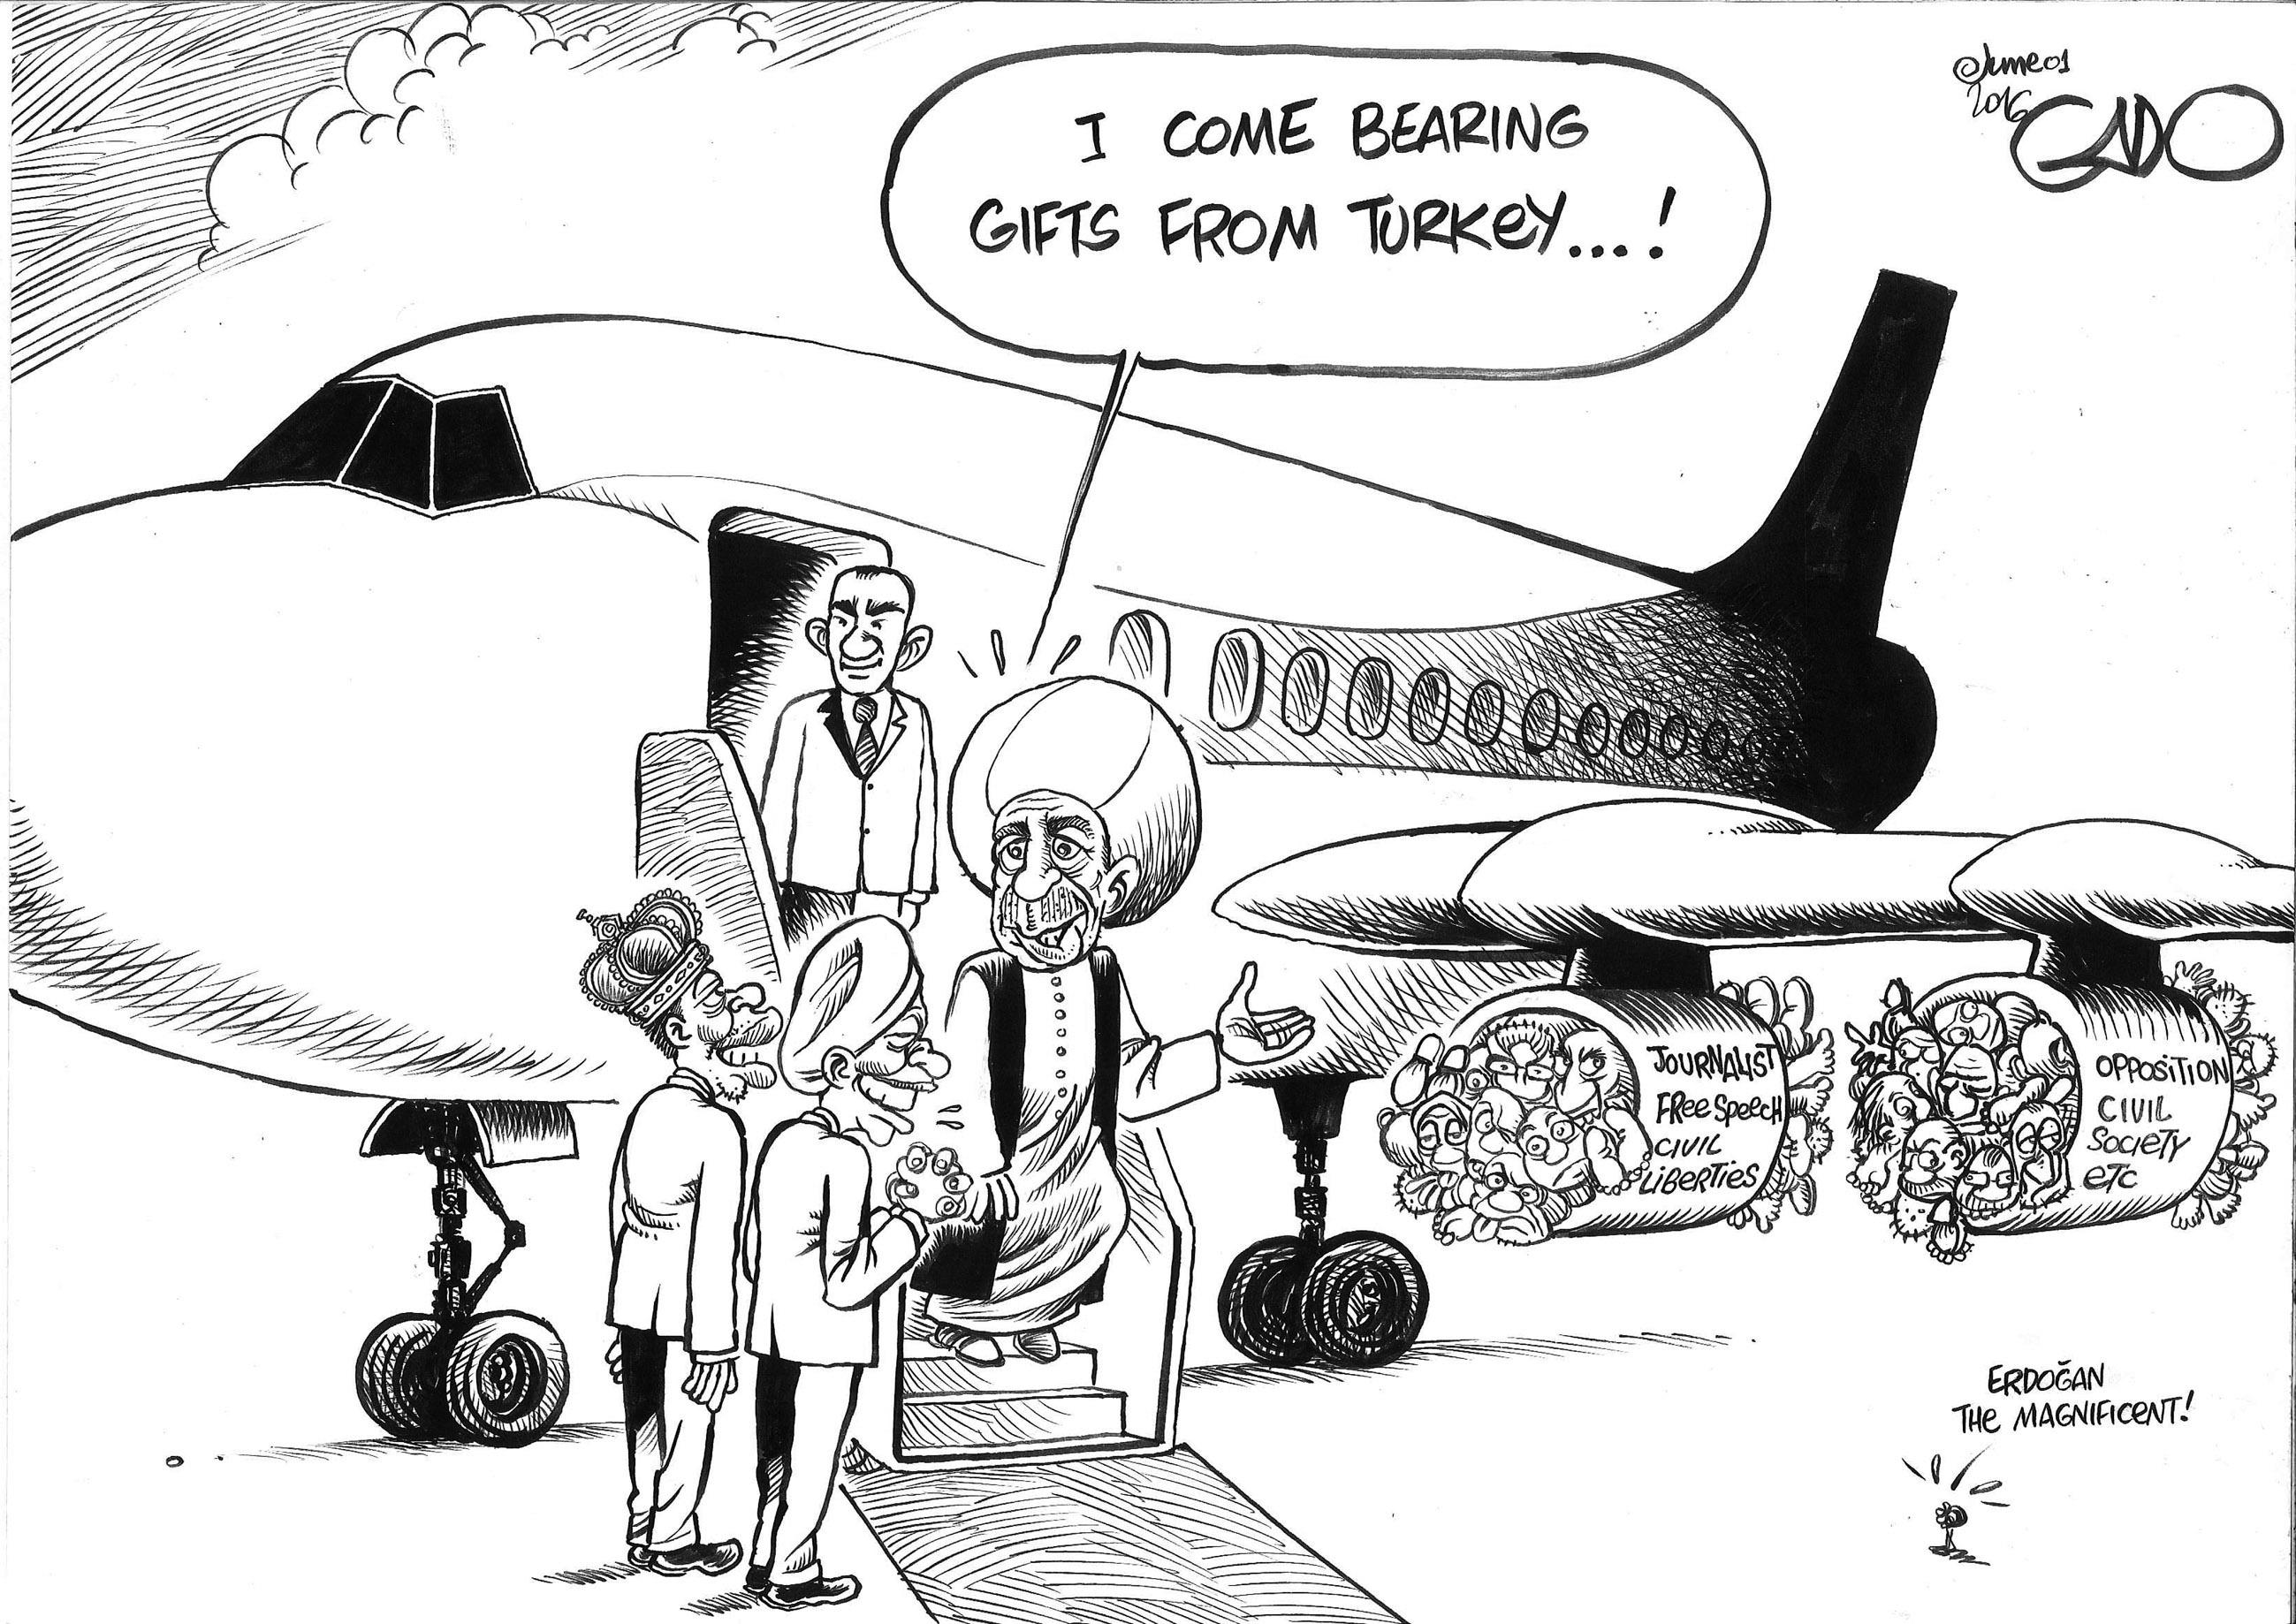 Karikatur zu Erdogan in Uganda von Gado